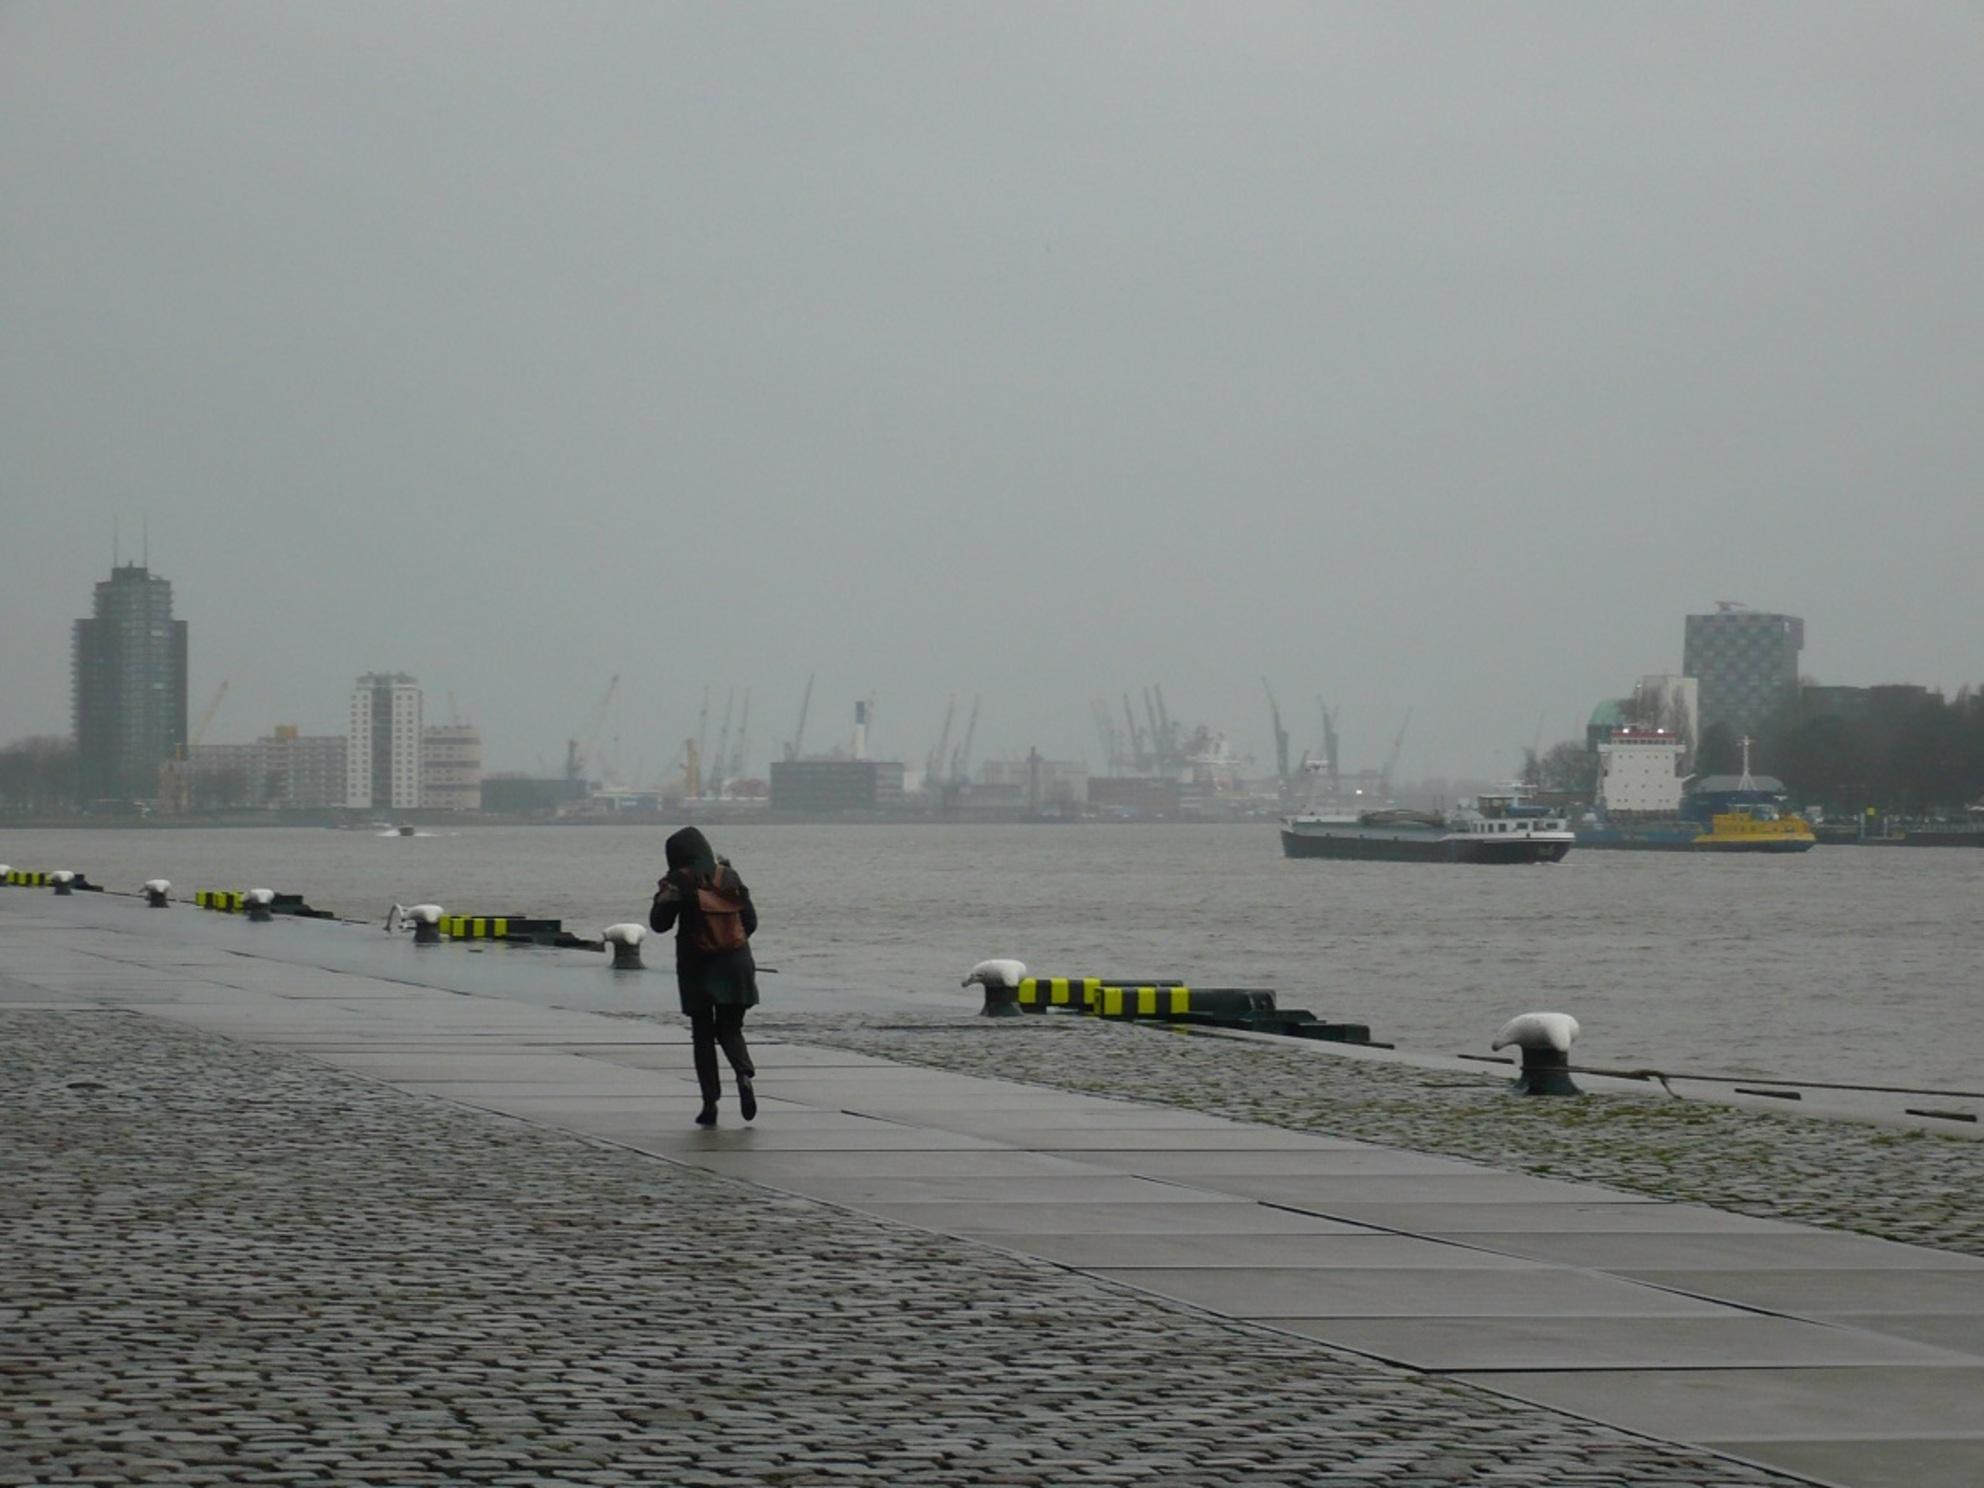 tegenwind - Op deze grauwe dag liep de vrouw  moeizaam tegen de regen en wind in over de verlaten Holland Amerikakade. - foto door willem4772 op 15-01-2020 - deze foto bevat: water, rotterdam, regen, kade - Deze foto mag gebruikt worden in een Zoom.nl publicatie